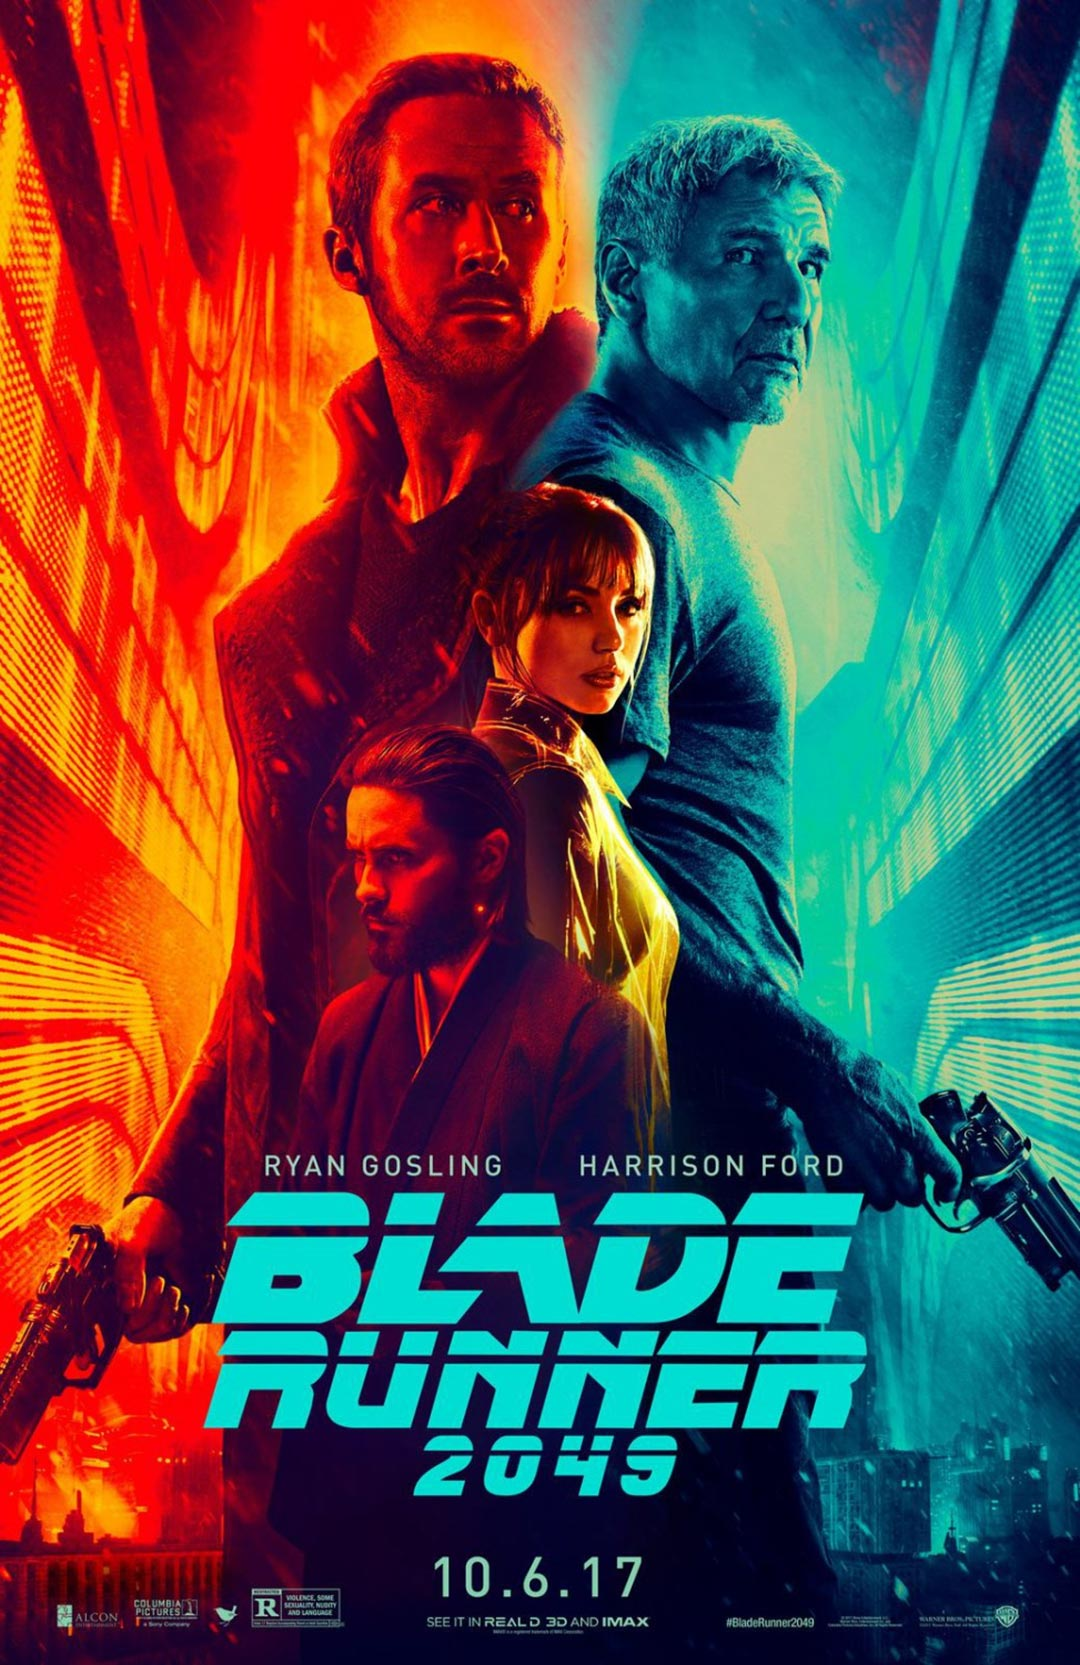 Blade Runner 2049 Poster #4